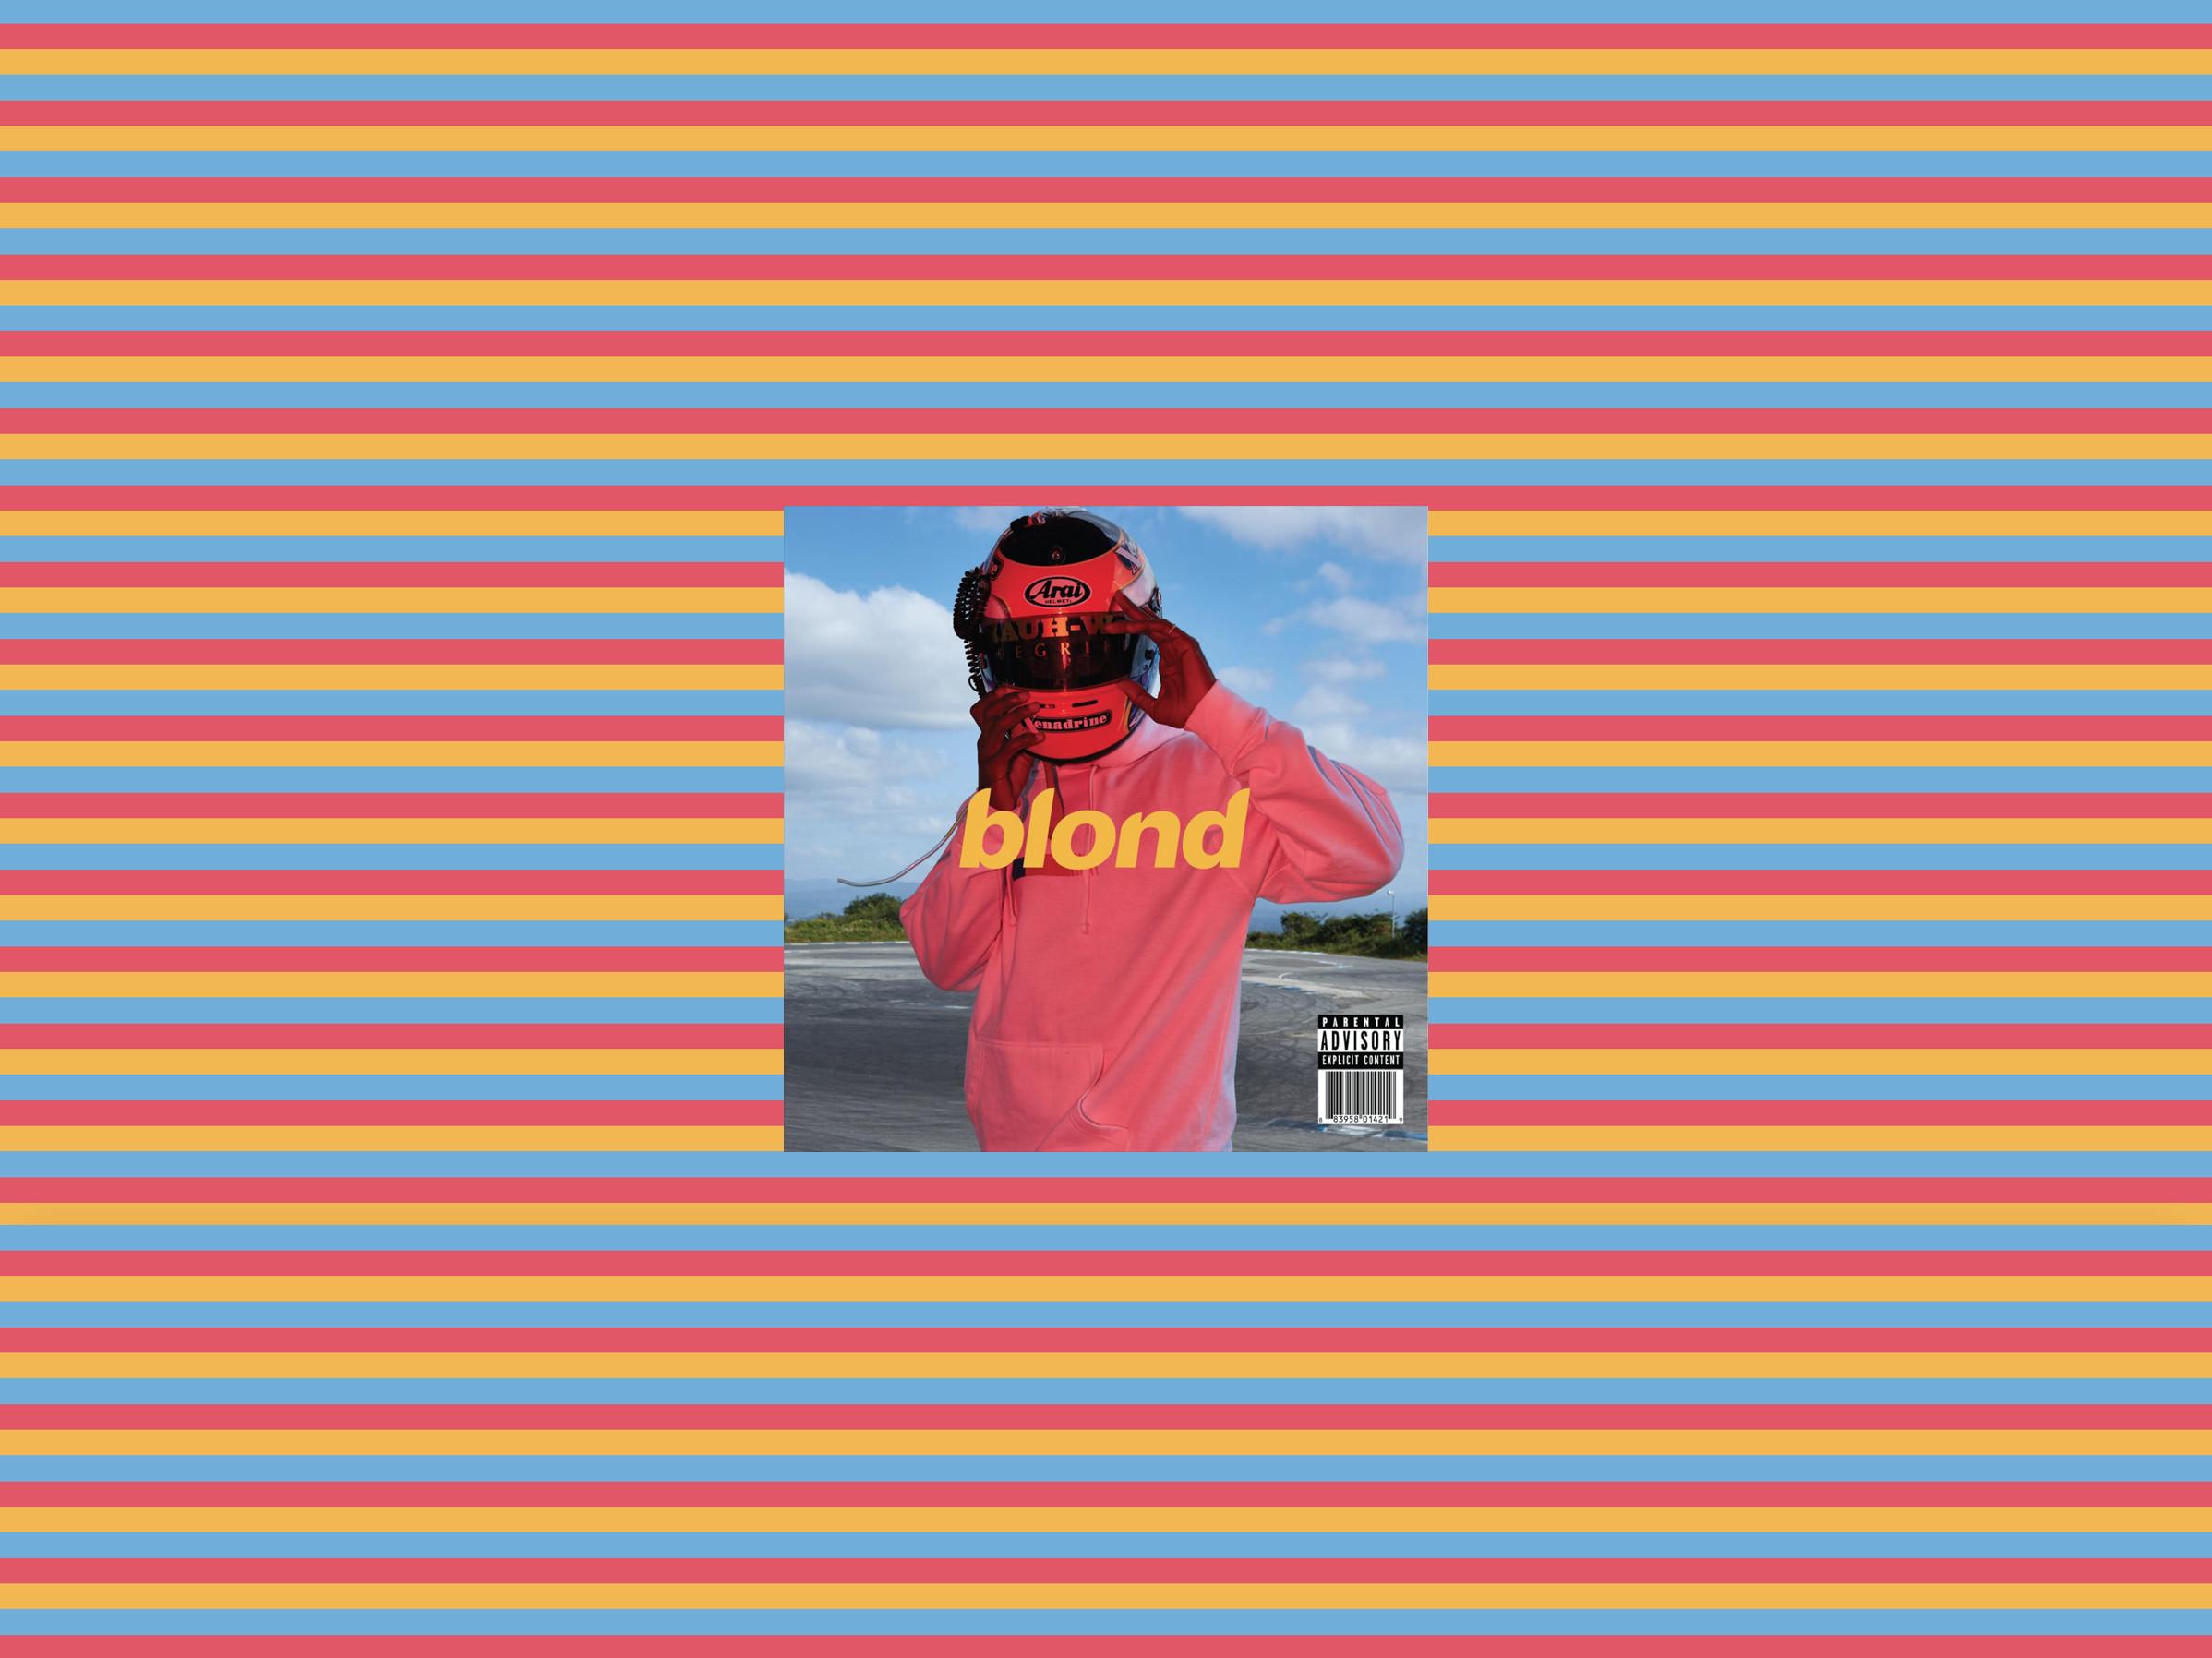 blond/e wallpaper …